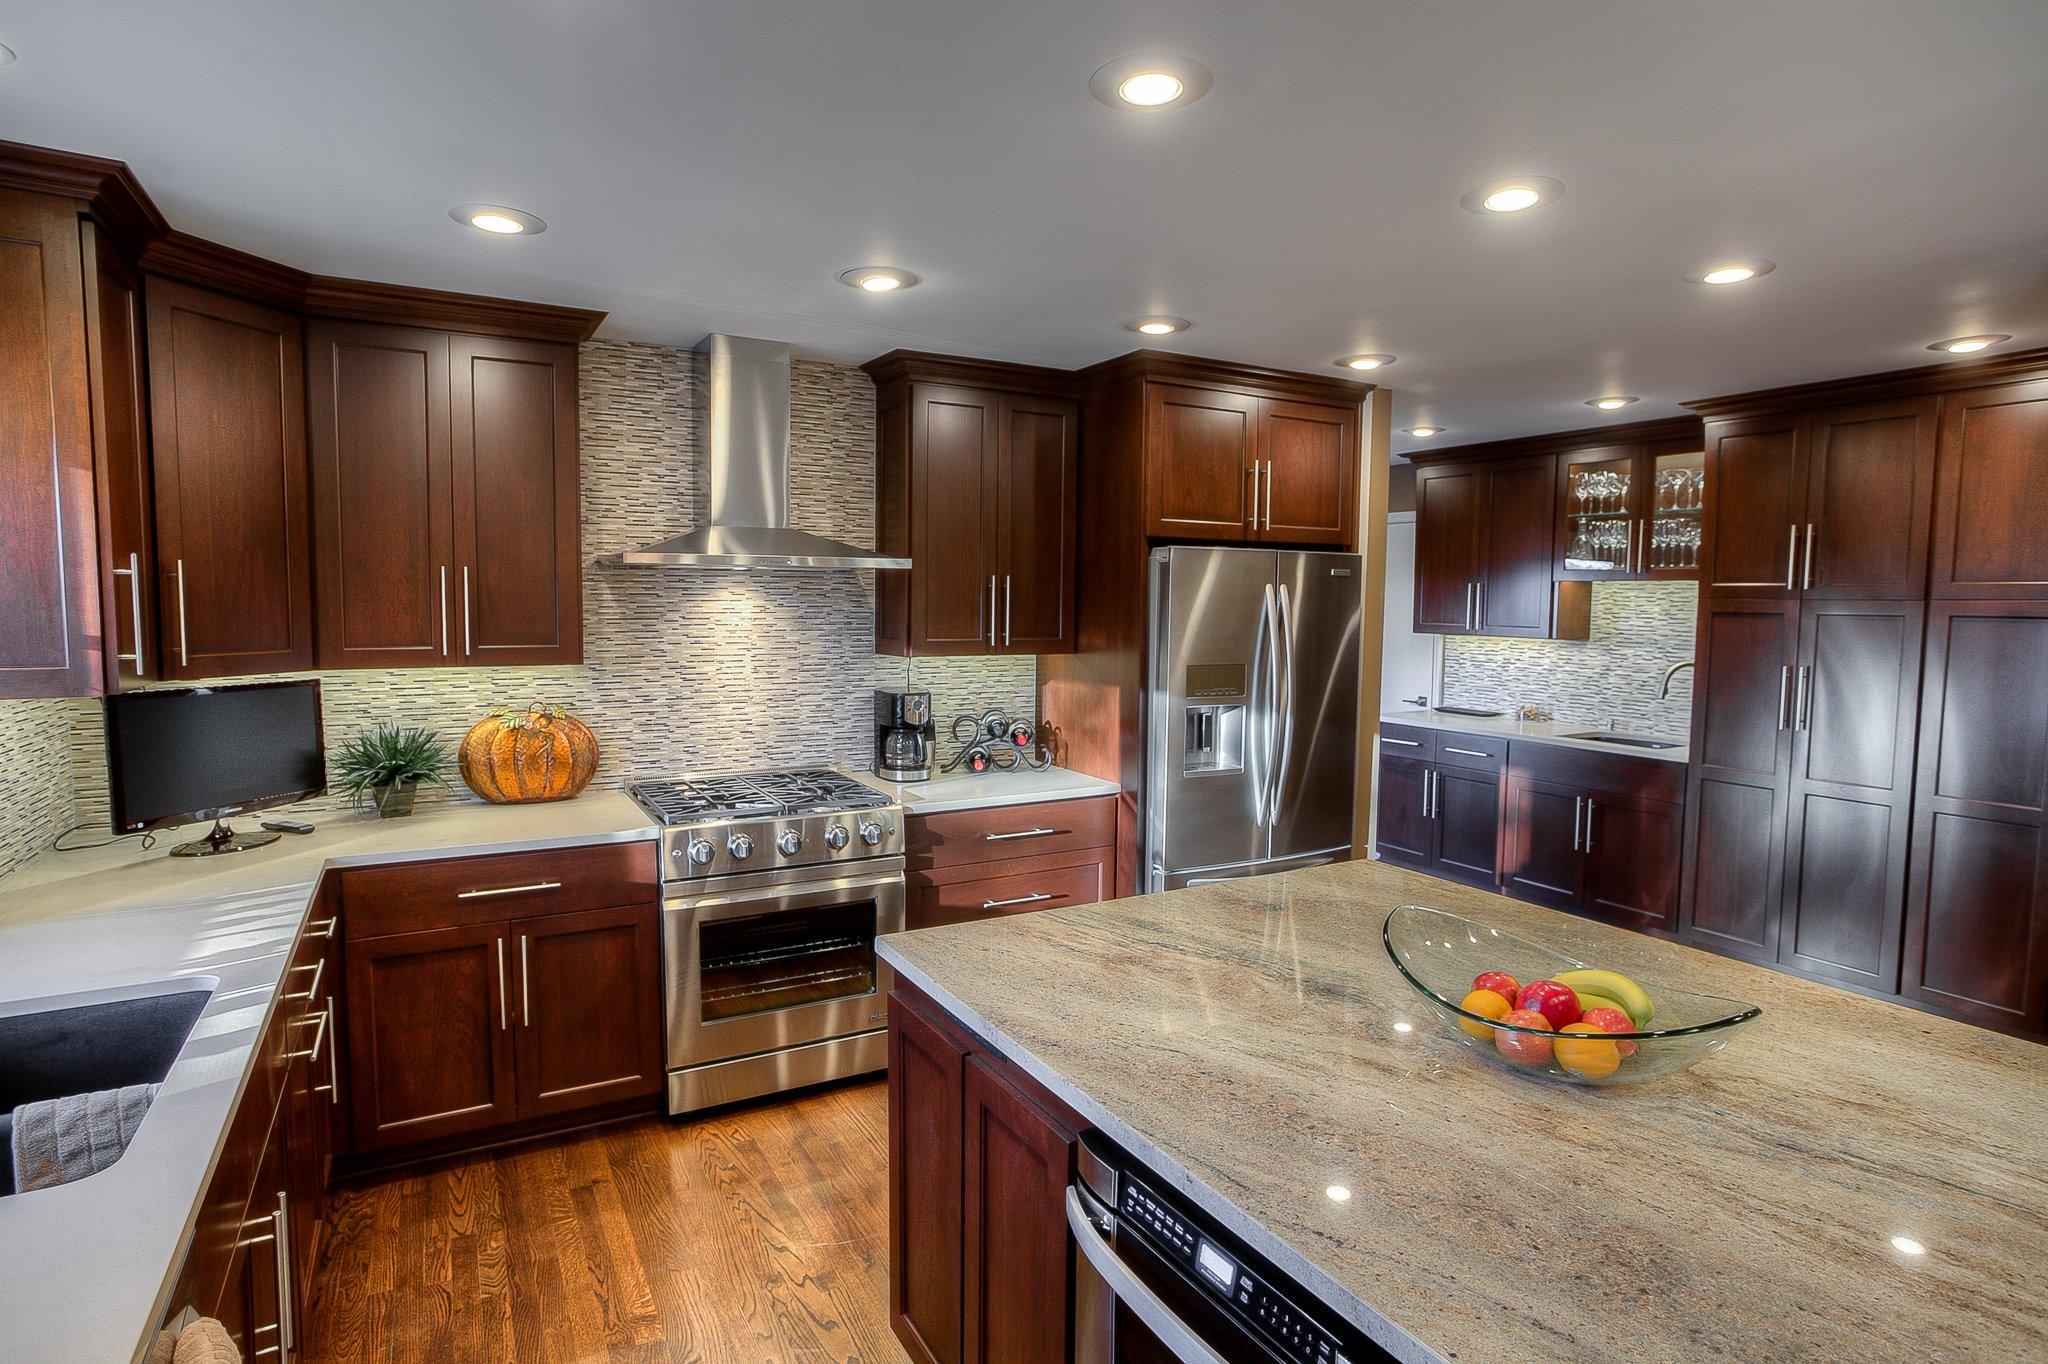 kitchen countertops backsplash